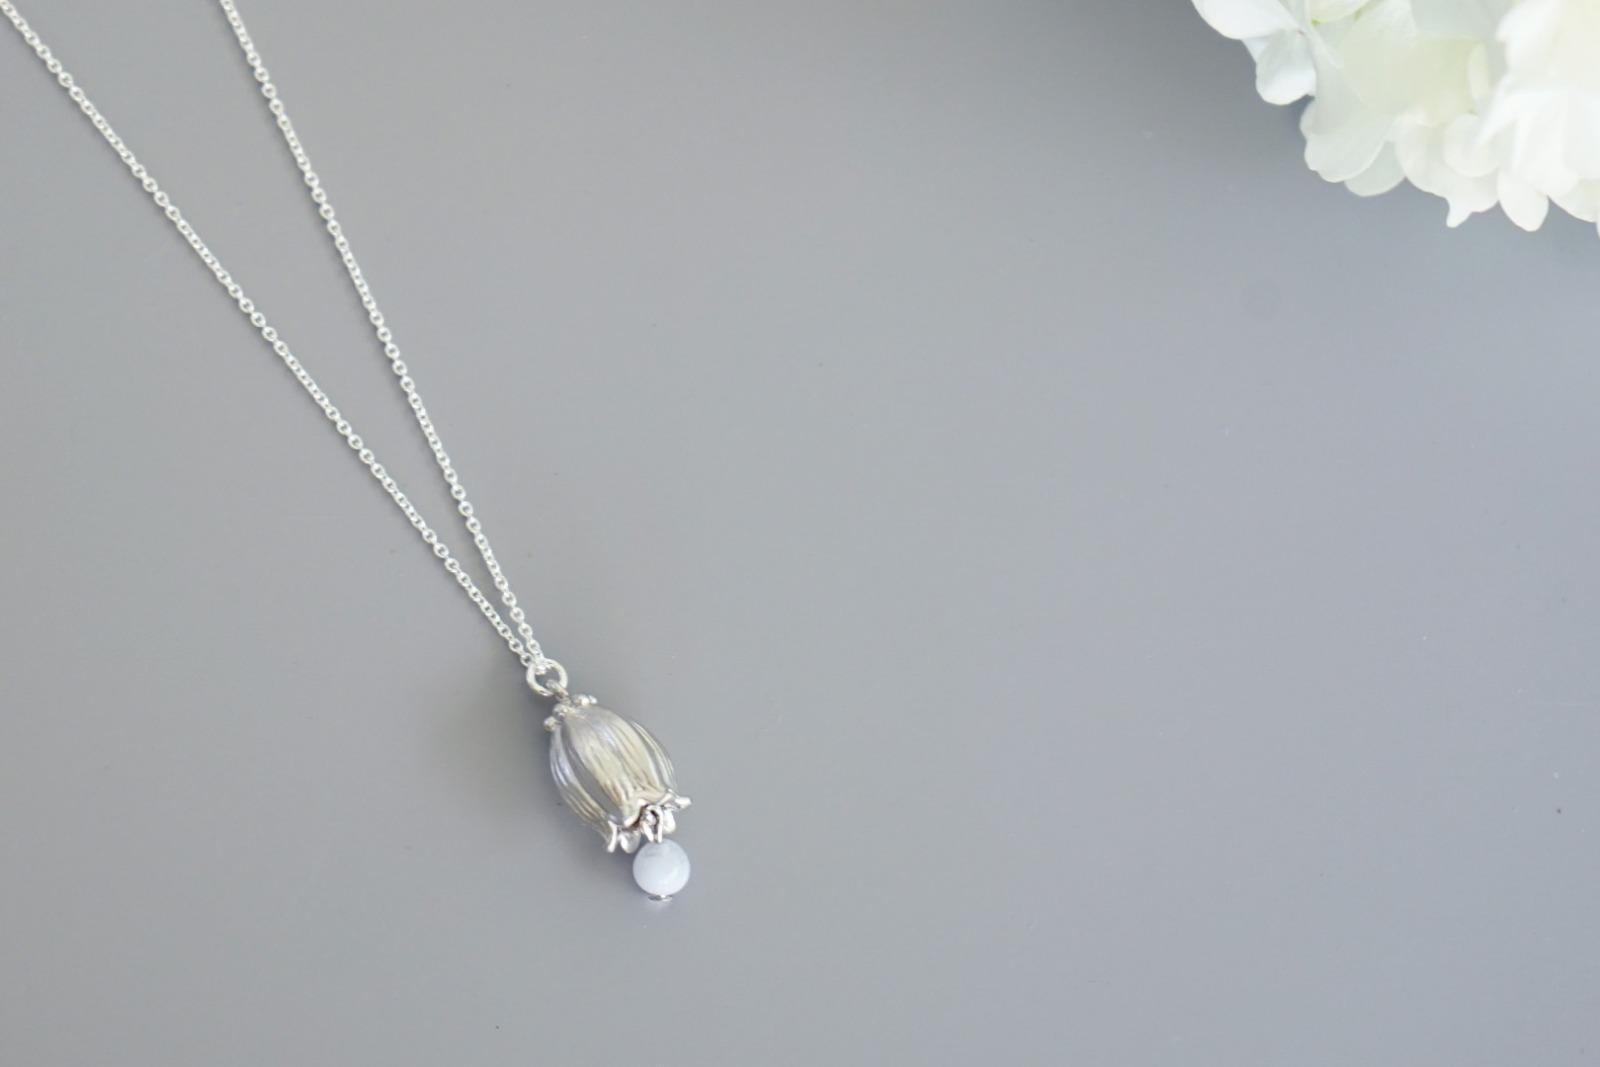 Kette silber mit Glockenblume und blauem - 1